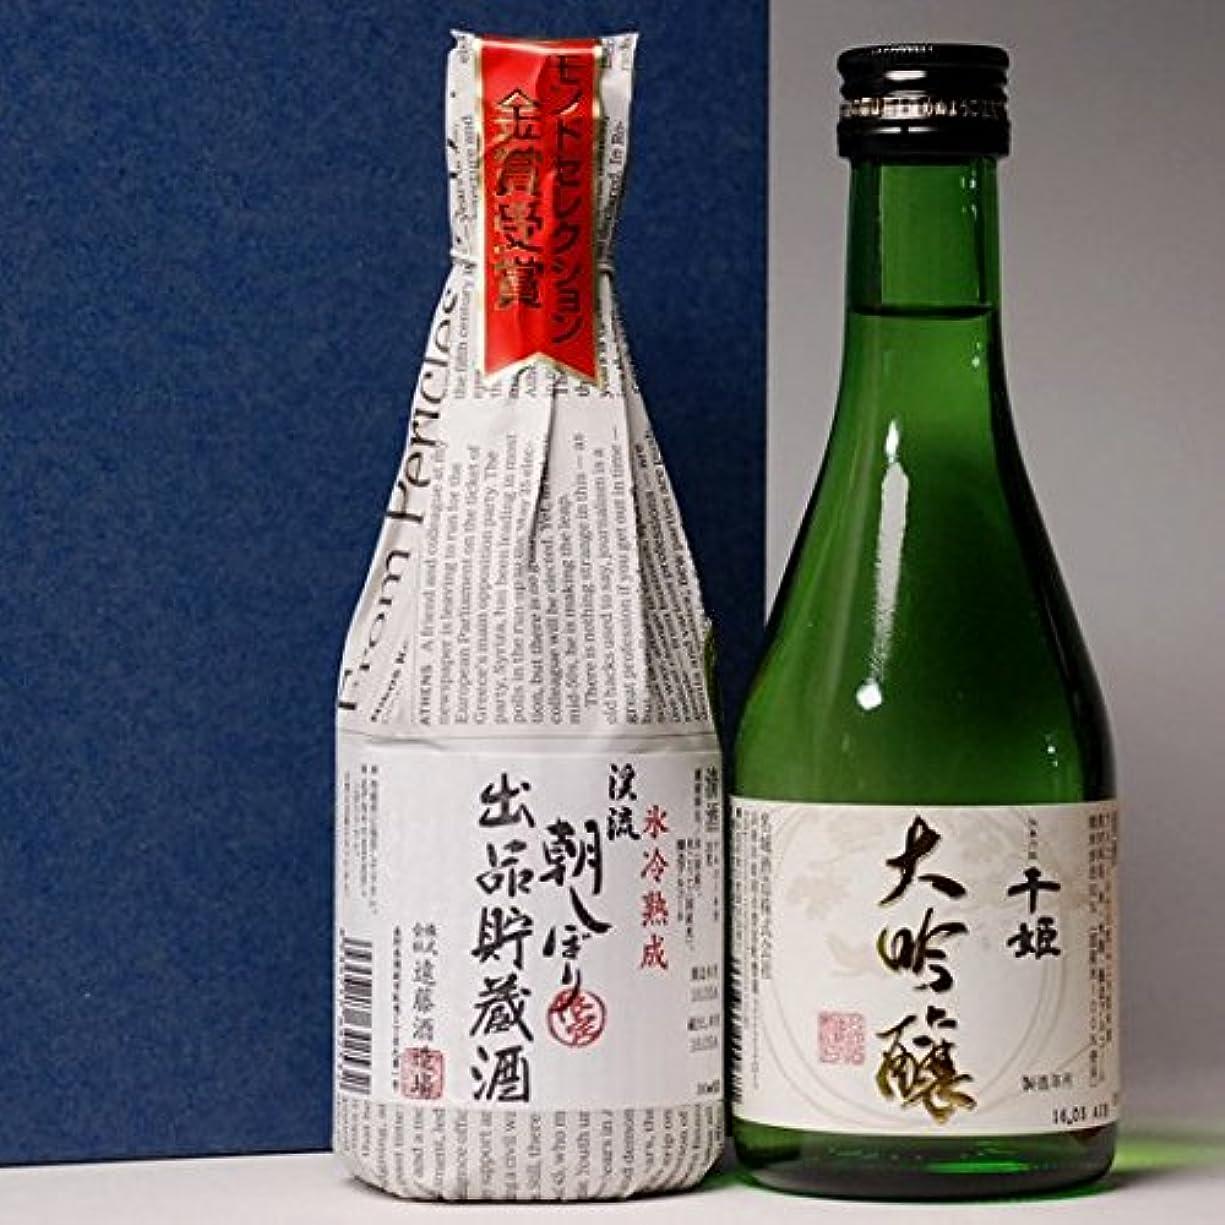 クスクスツイン構成する日本酒 名城 遠藤酒造 飲み比べ 大吟醸 と金賞 受賞酒 の豪華300ml 2本セット